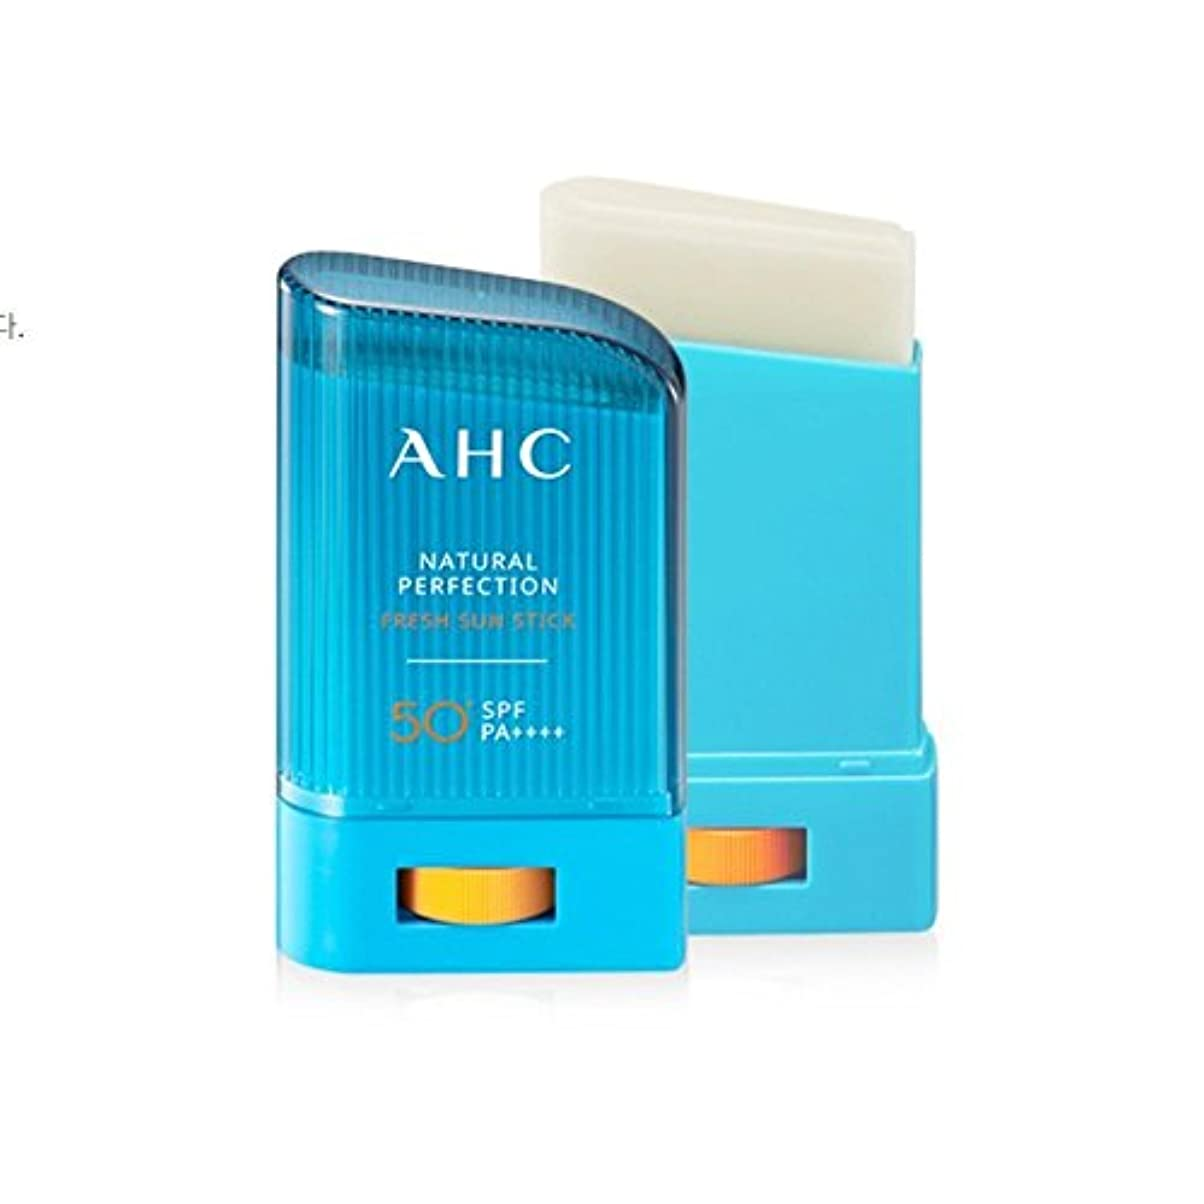 これまでやめる残忍な[1+1] AHC Natural Perfection Fresh Sun Stick ナチュラルパーフェクションフレッシュサンスティック 22g * 2個 [並行輸入品]